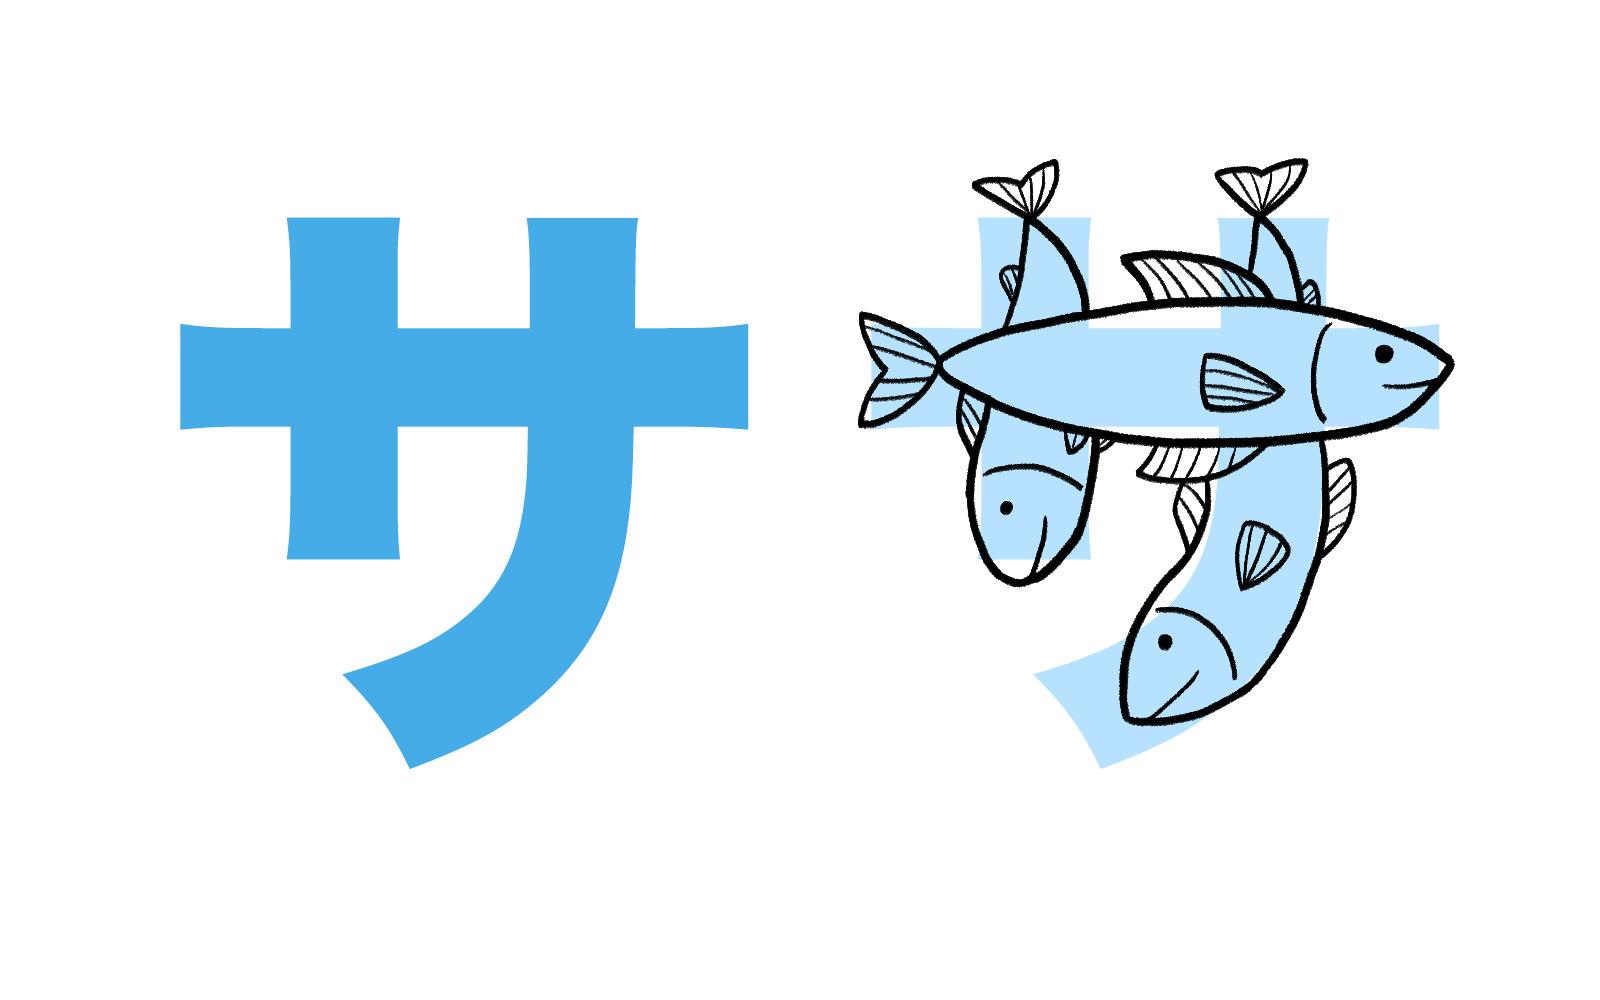 Katakana character サ mnemonic